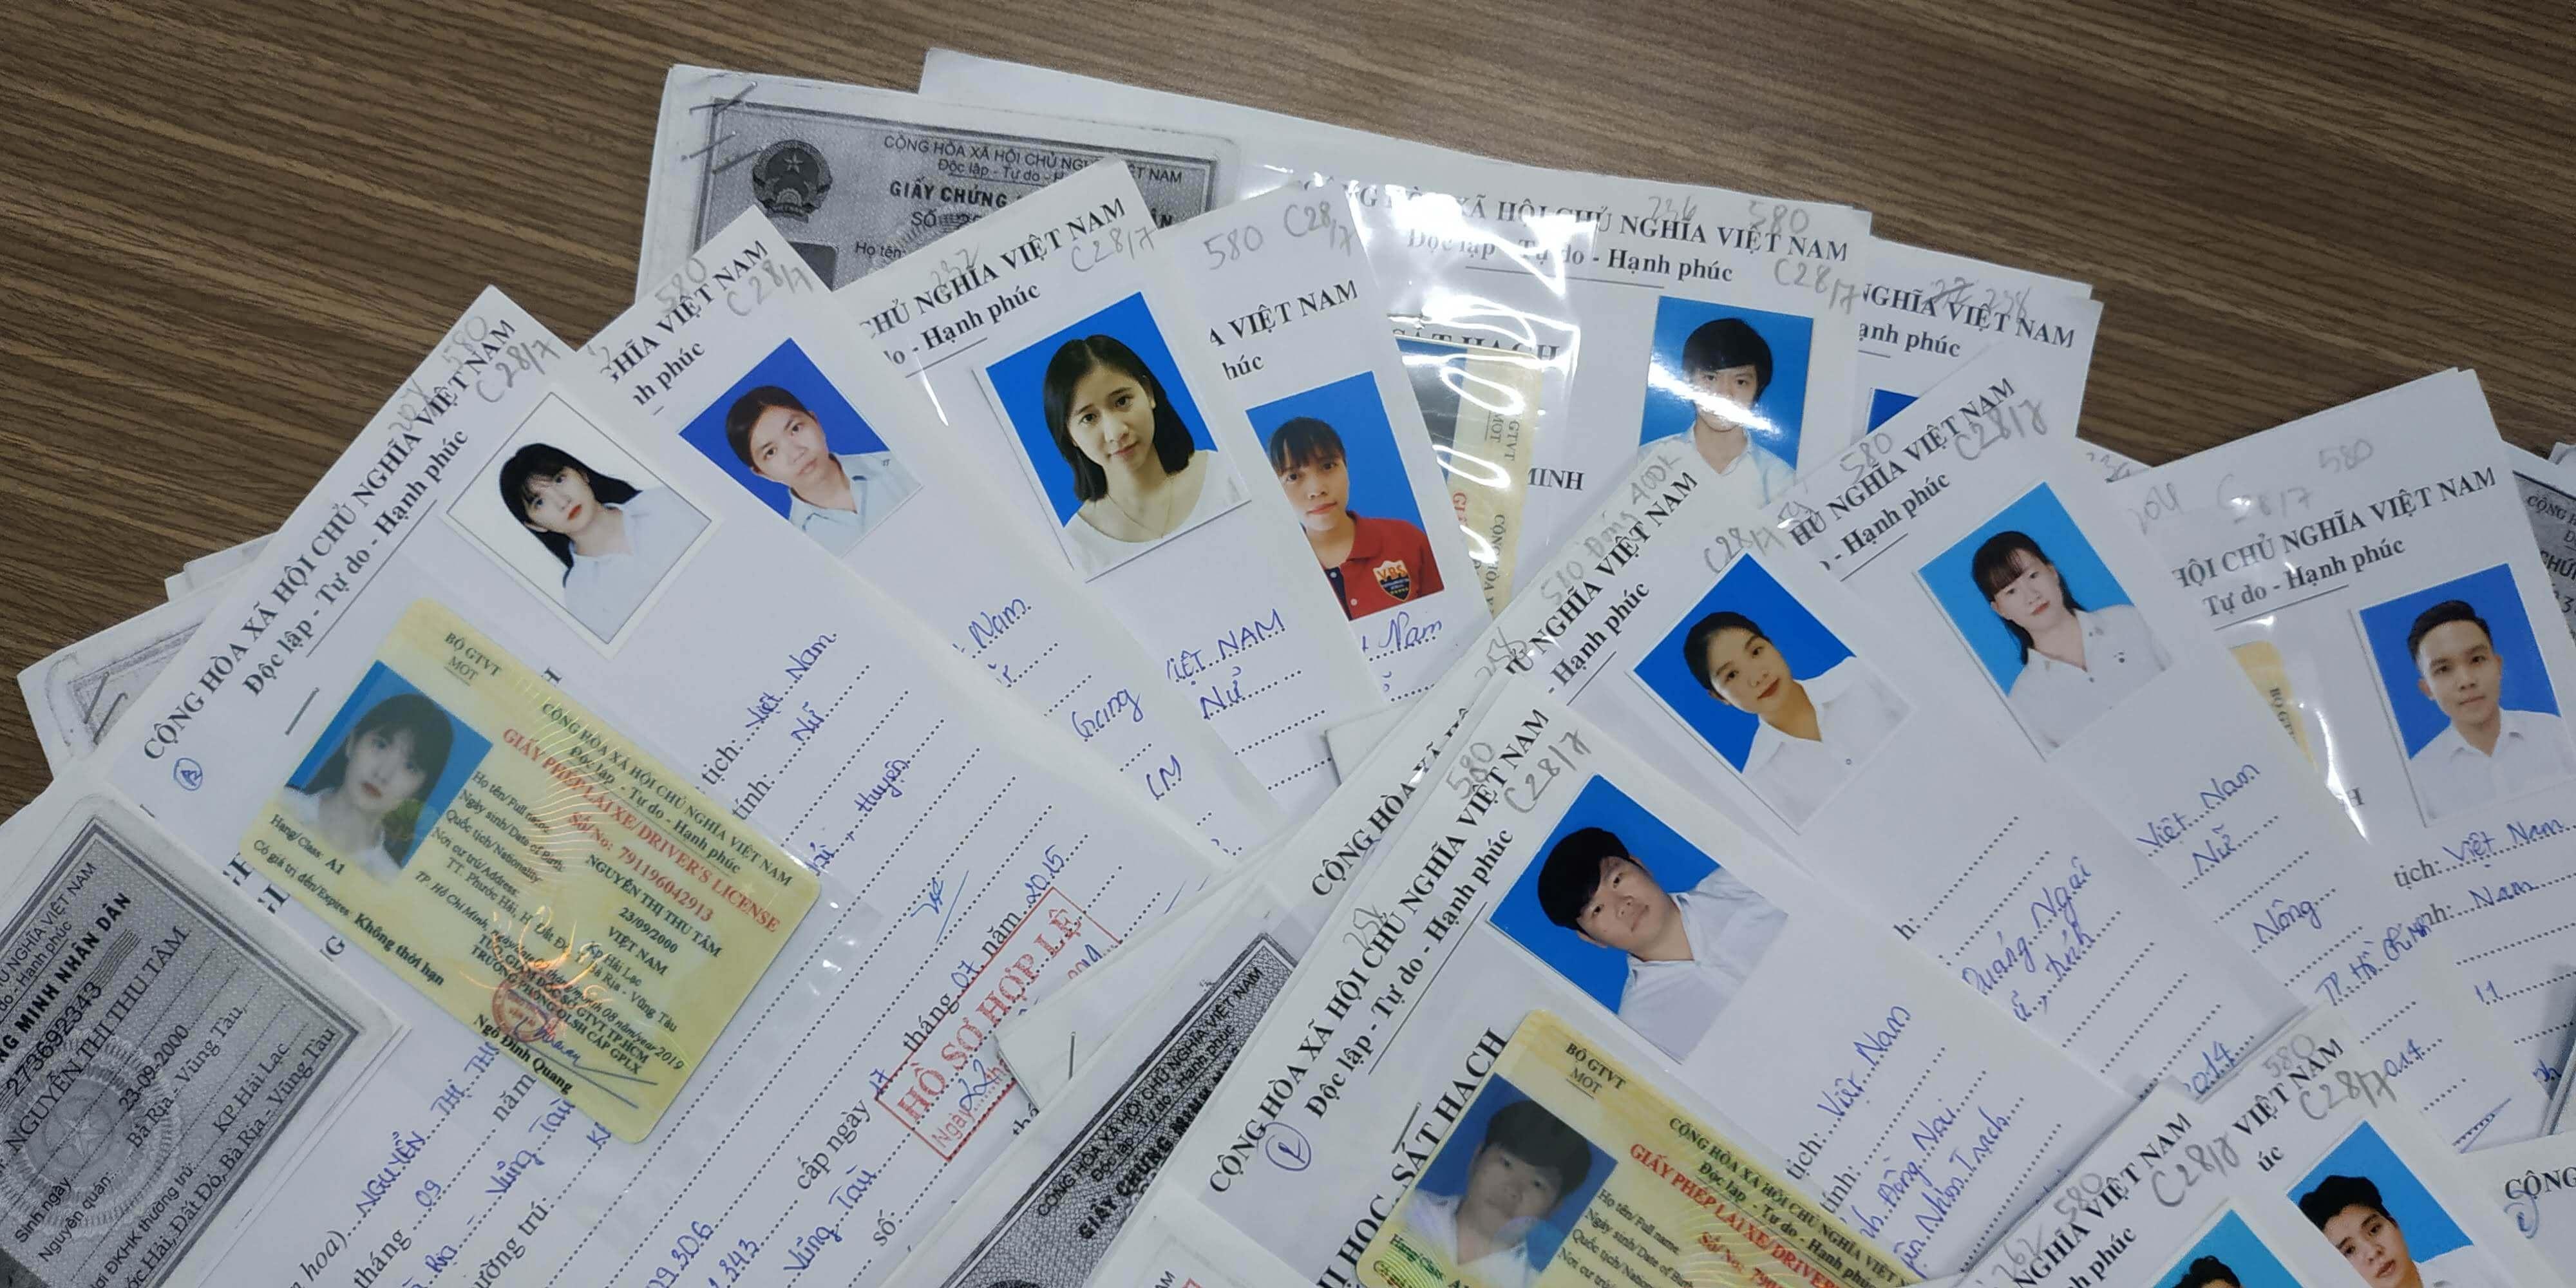 Trung tâm tổ chức thi bằng lái xe A2 tại Quận Phú Nhuận với tên tuổi và thương hiệu lâu đời